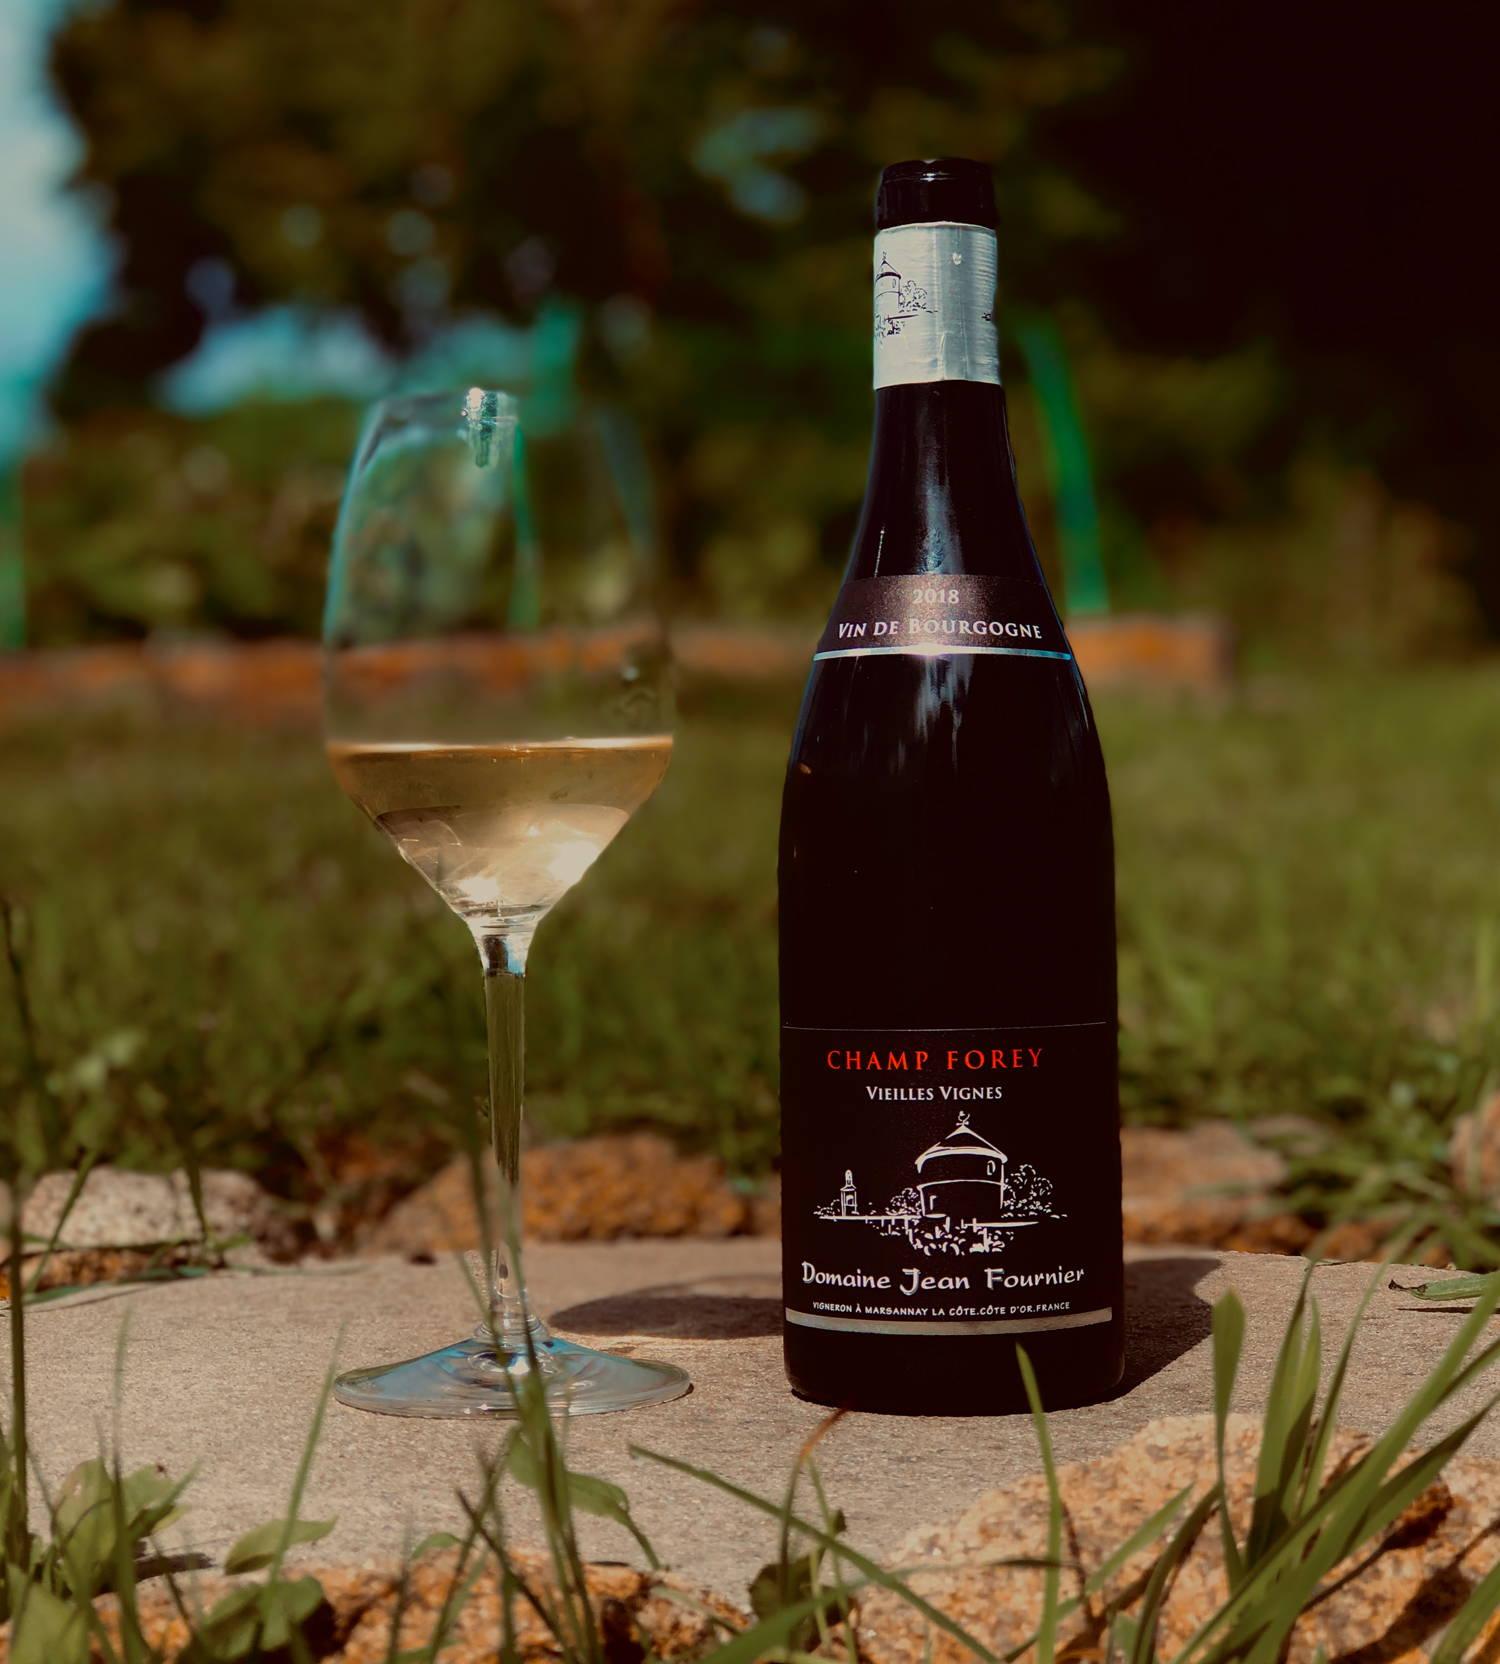 champ forey, aligoté, vieilles vignes, domaine jean fournier, bourgogne, marsannay, france, vin nature, rawwine, organic wine, vin bio, vin sans intrants, bistro brute, vin rouge, vin blanc, rouge, blanc, nature, vin propre, vigneron, vigneron indépendant, domaine bio, biodynamie, vigneron nature, cave vin naturel, cave vin, caviste, vin biodynamique, bistro brute